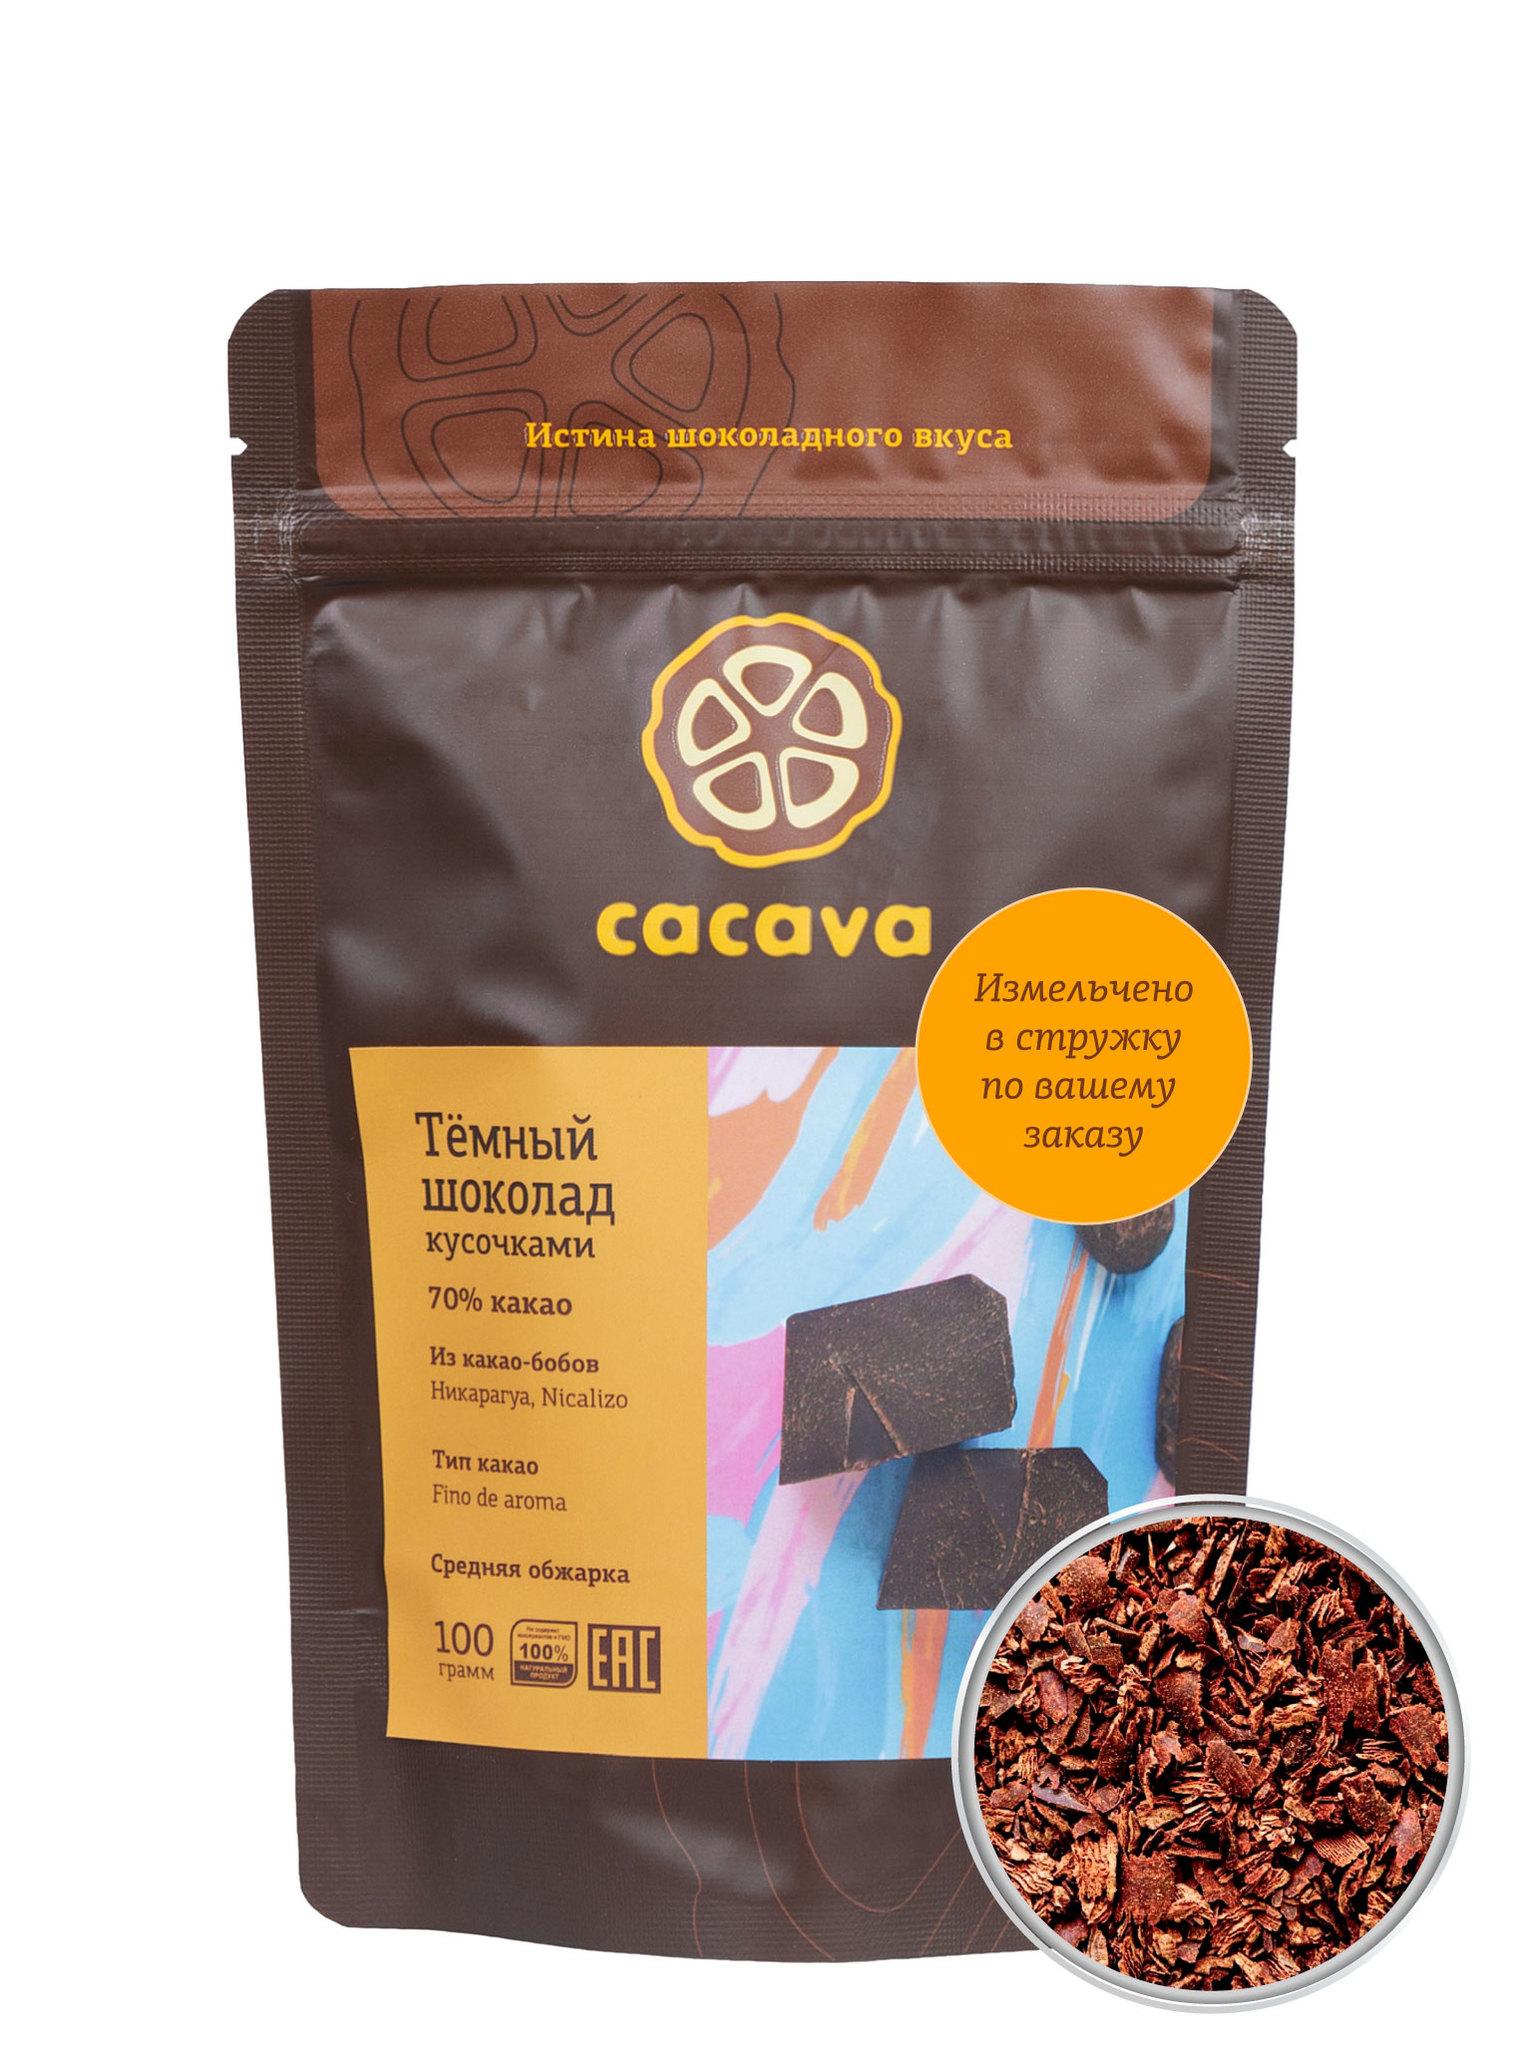 Тёмный шоколад 70 % какао в стружке (Никарагуа, Nicalizo), упаковка 100 грамм